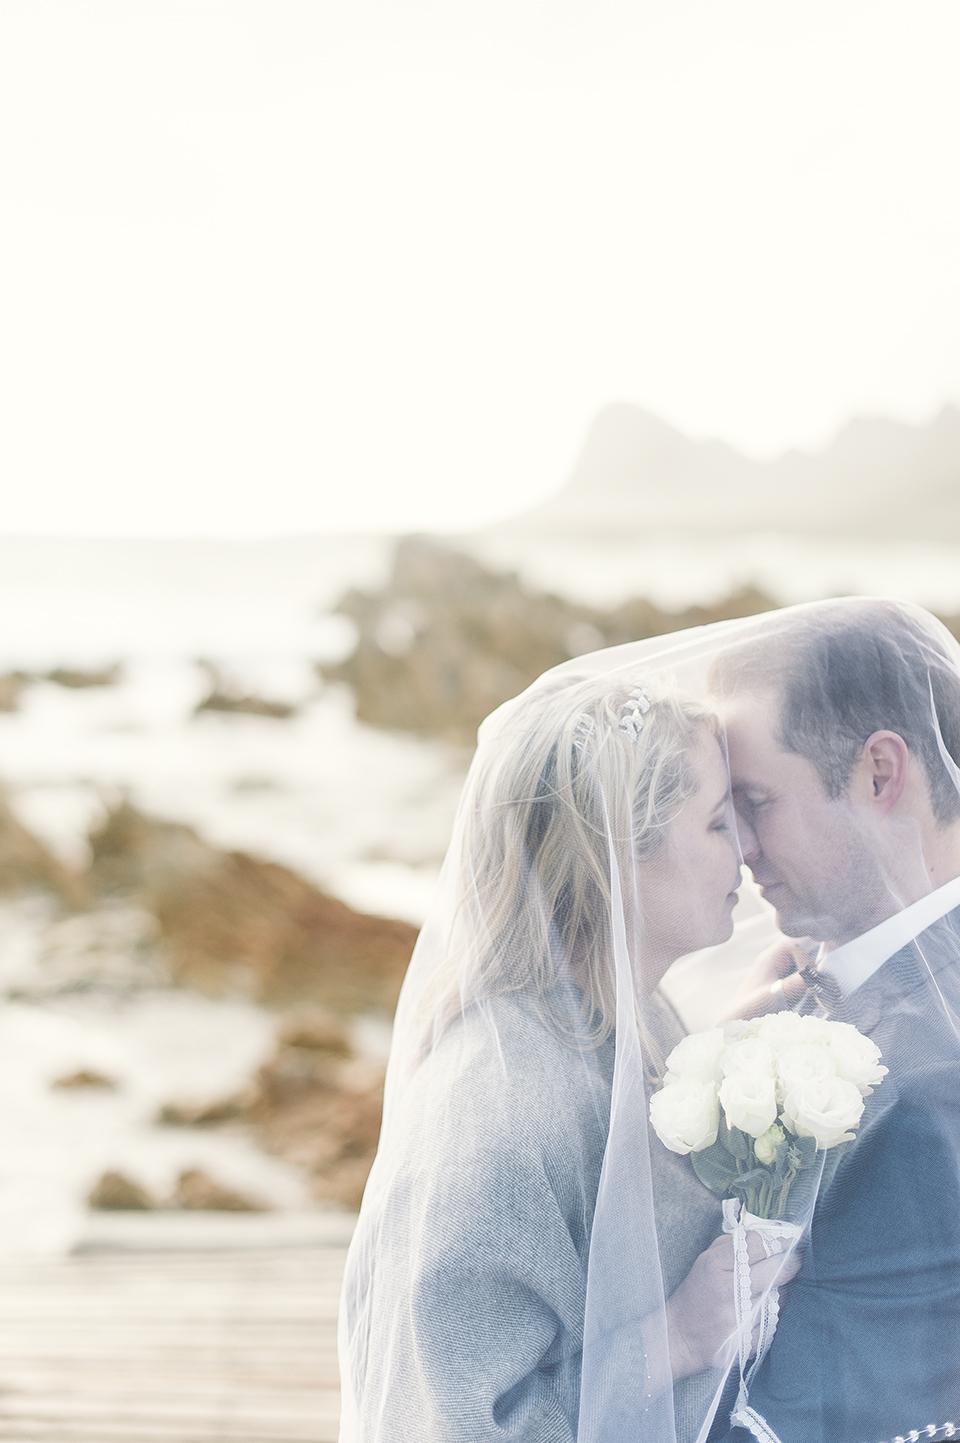 RyanParker_WeddingPhotographer_CapeTown_Hermanus_PringleBay_SouthAfrica_T&R_DSC_5752.jpg